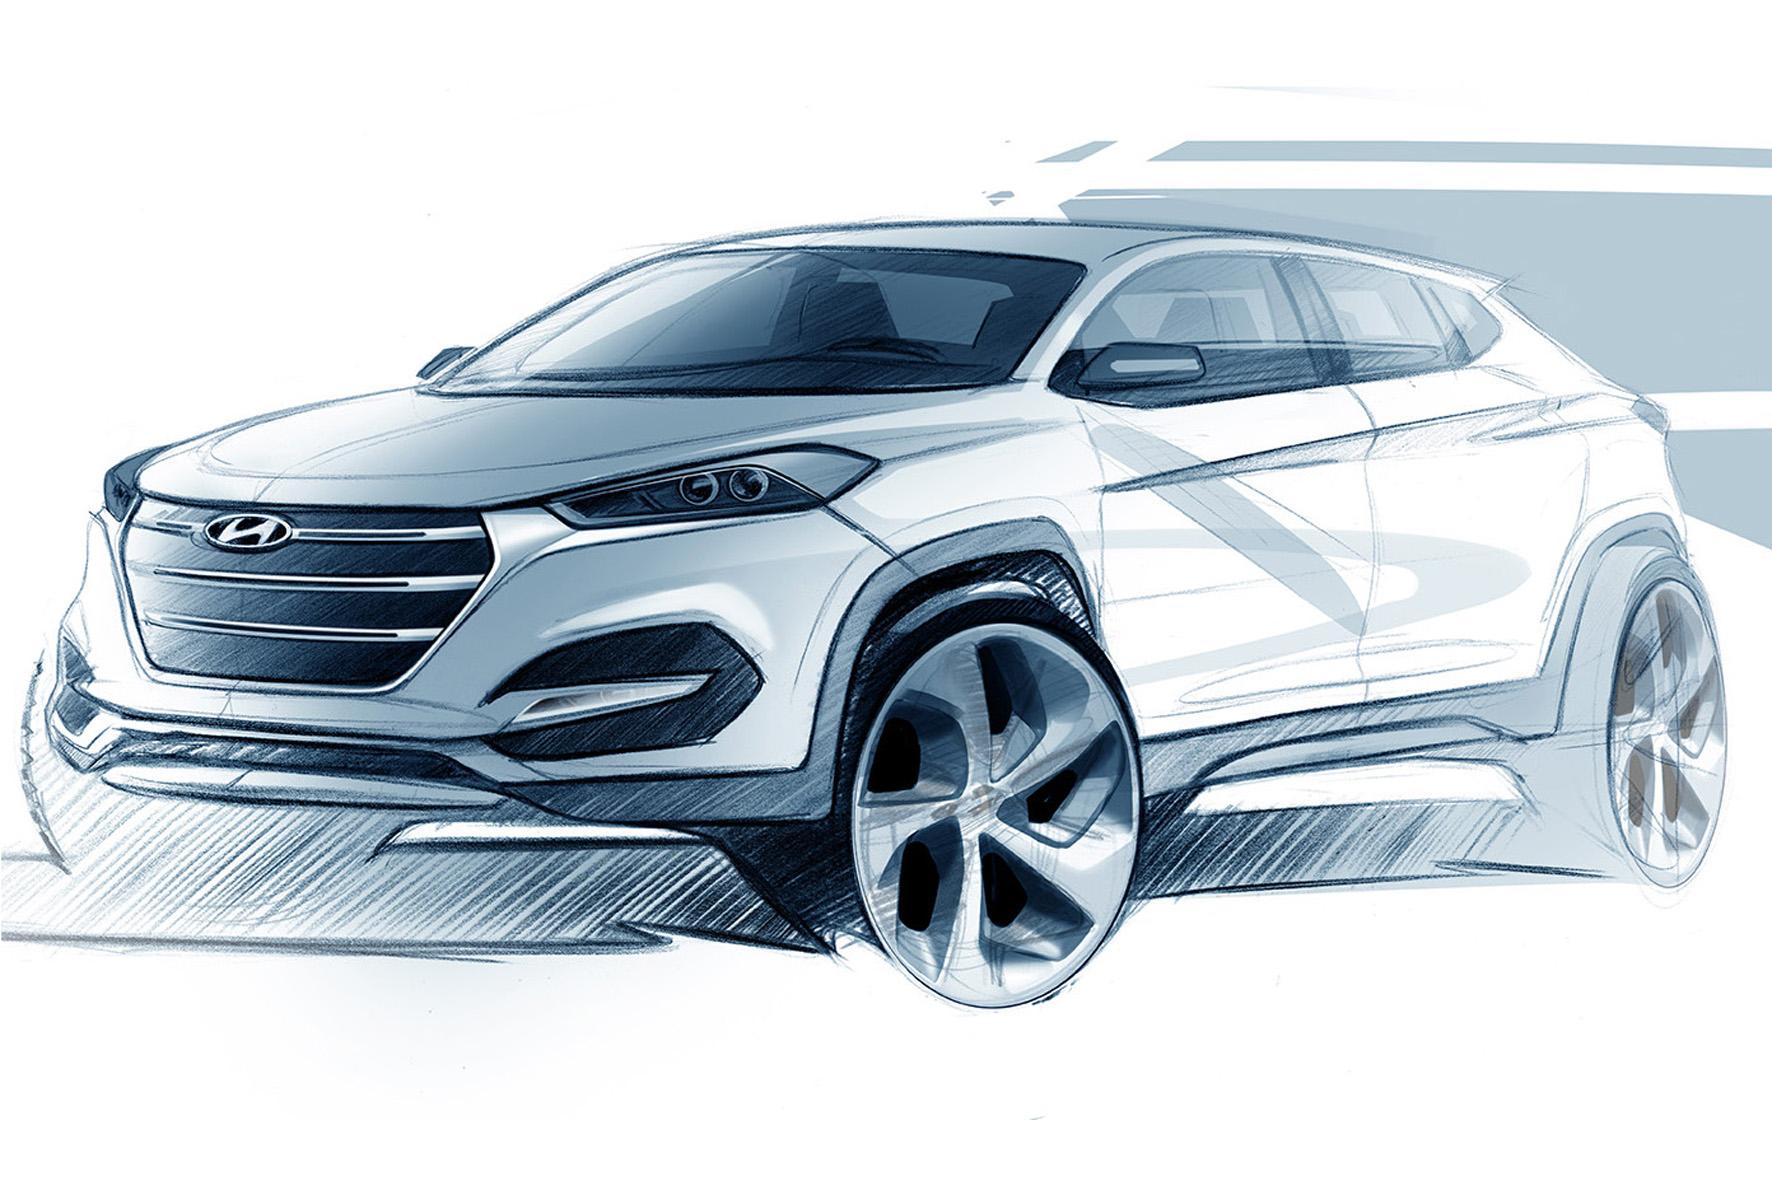 Hyundai Tucson Skizze